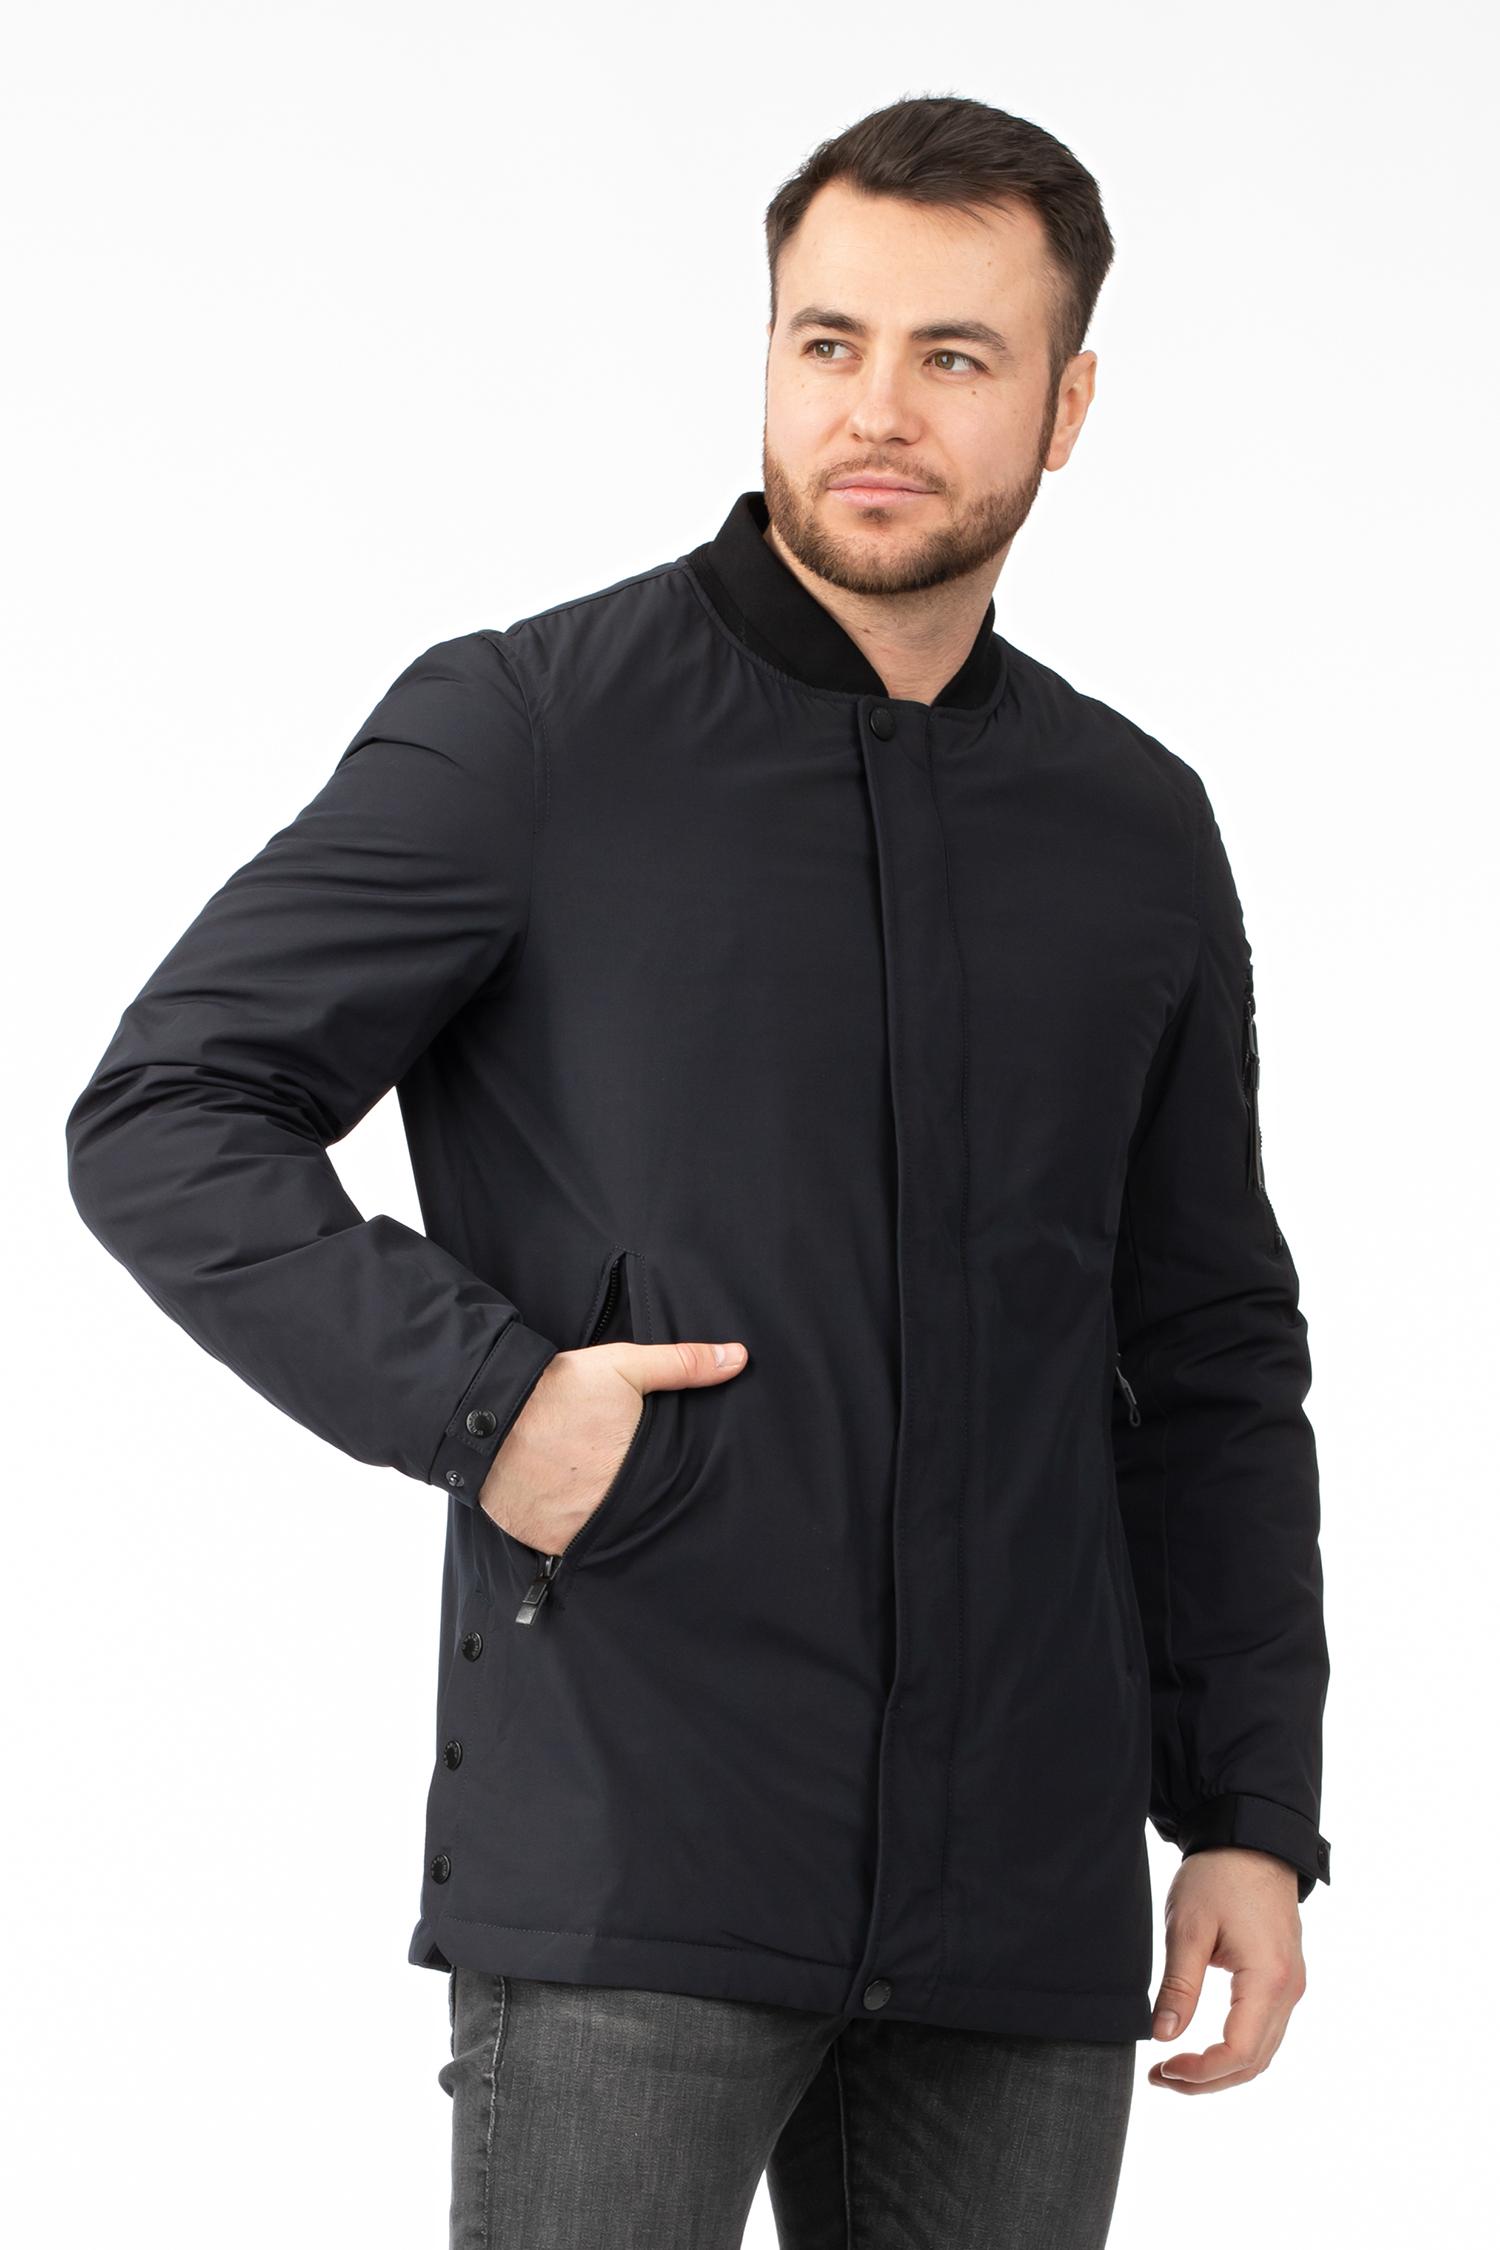 Купить со скидкой Мужская куртка из текстиля с воротником